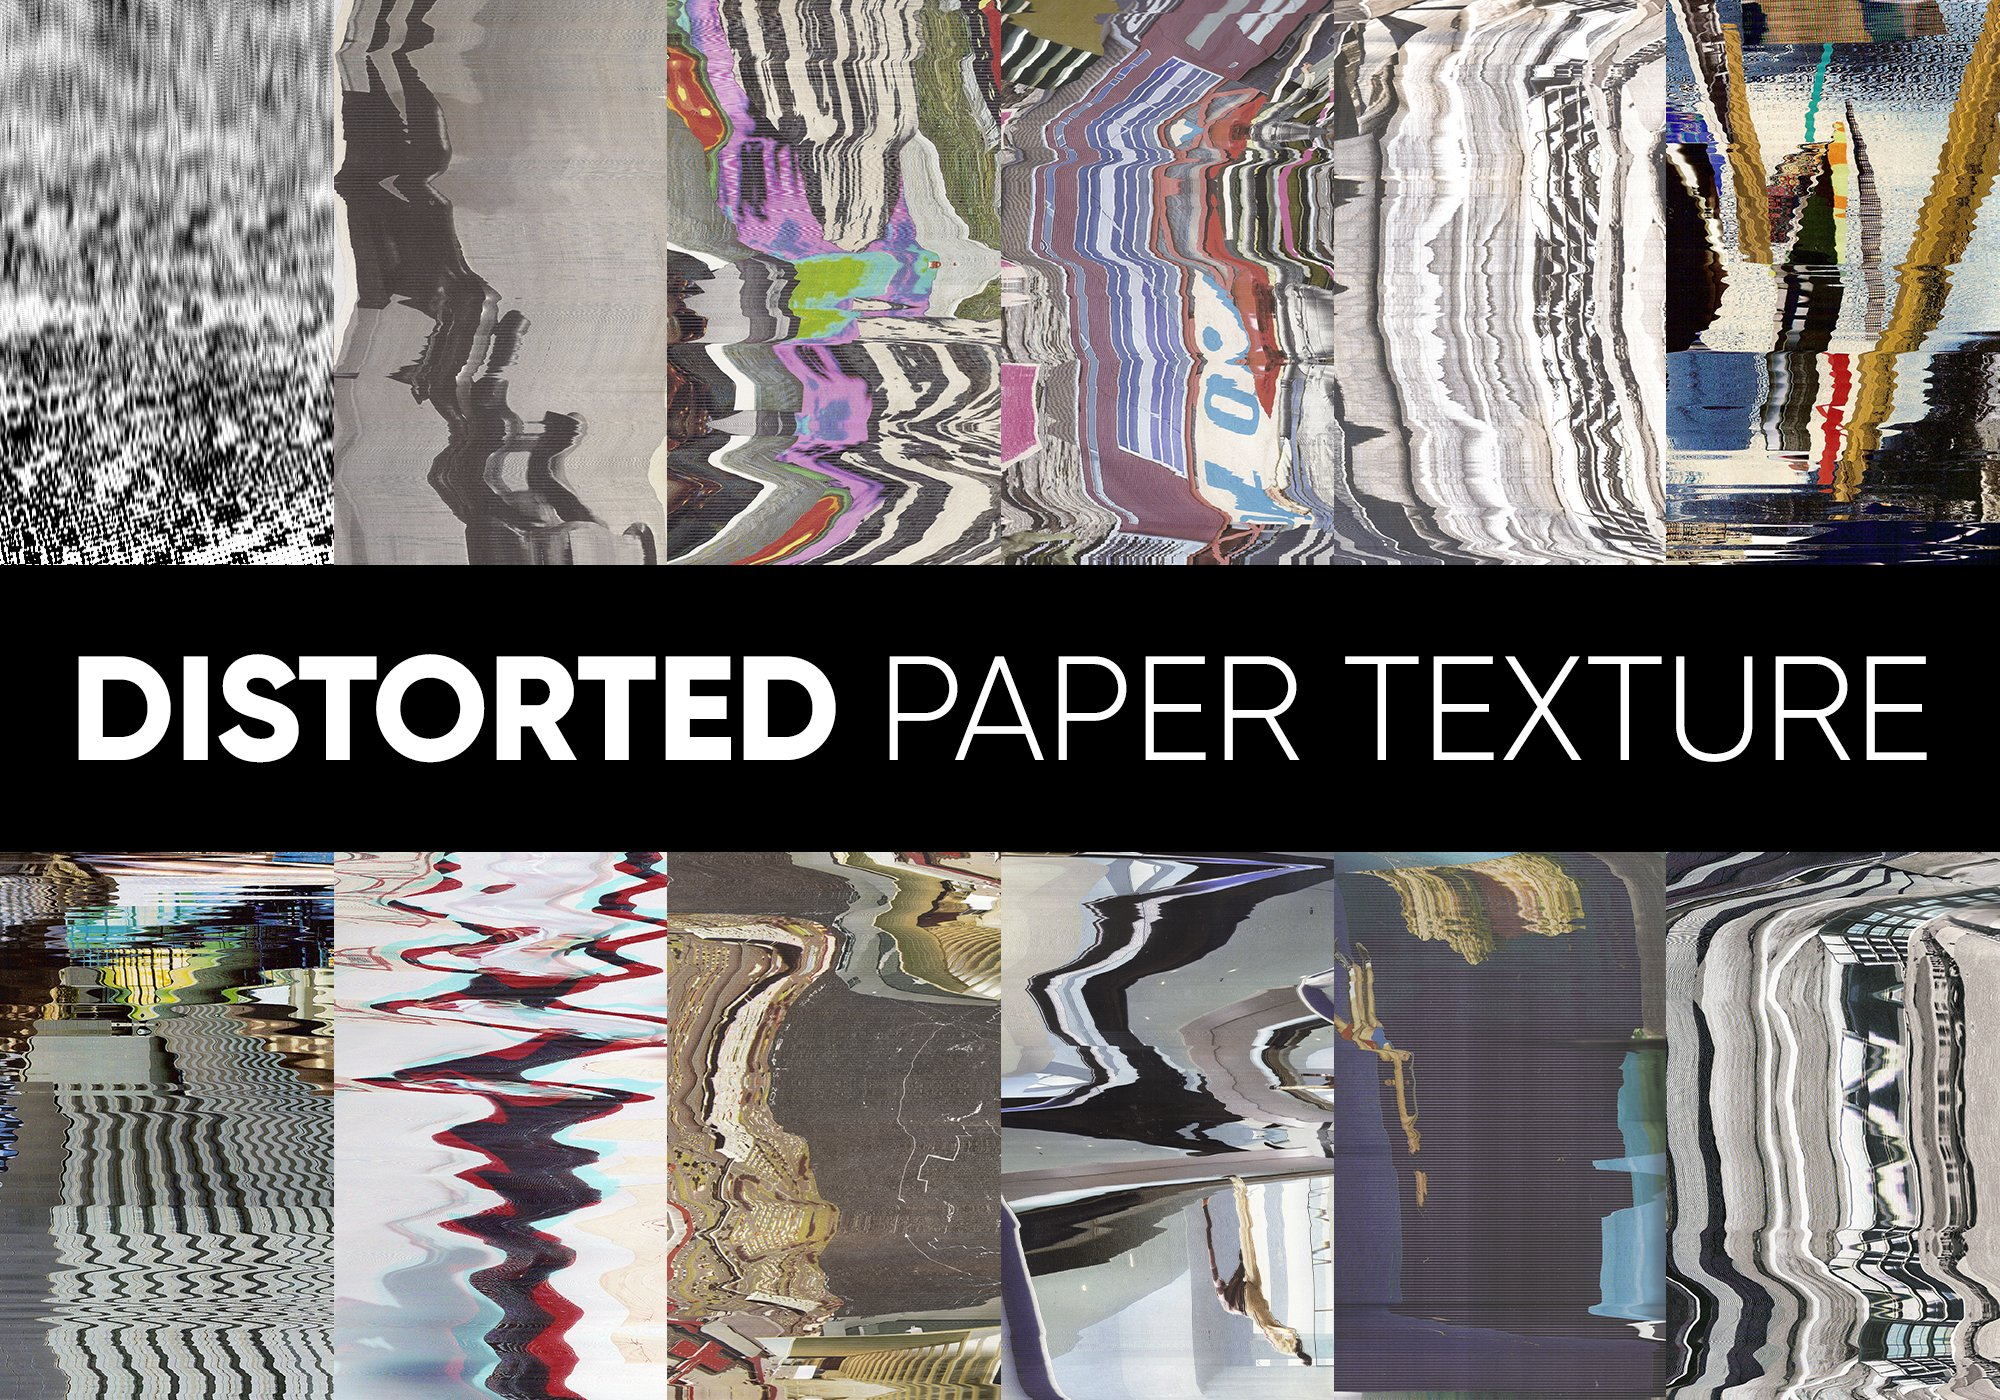 62款高清抽象故障风广告海报设计背景纹理PNG图片素材 Distorted Paper Texture插图